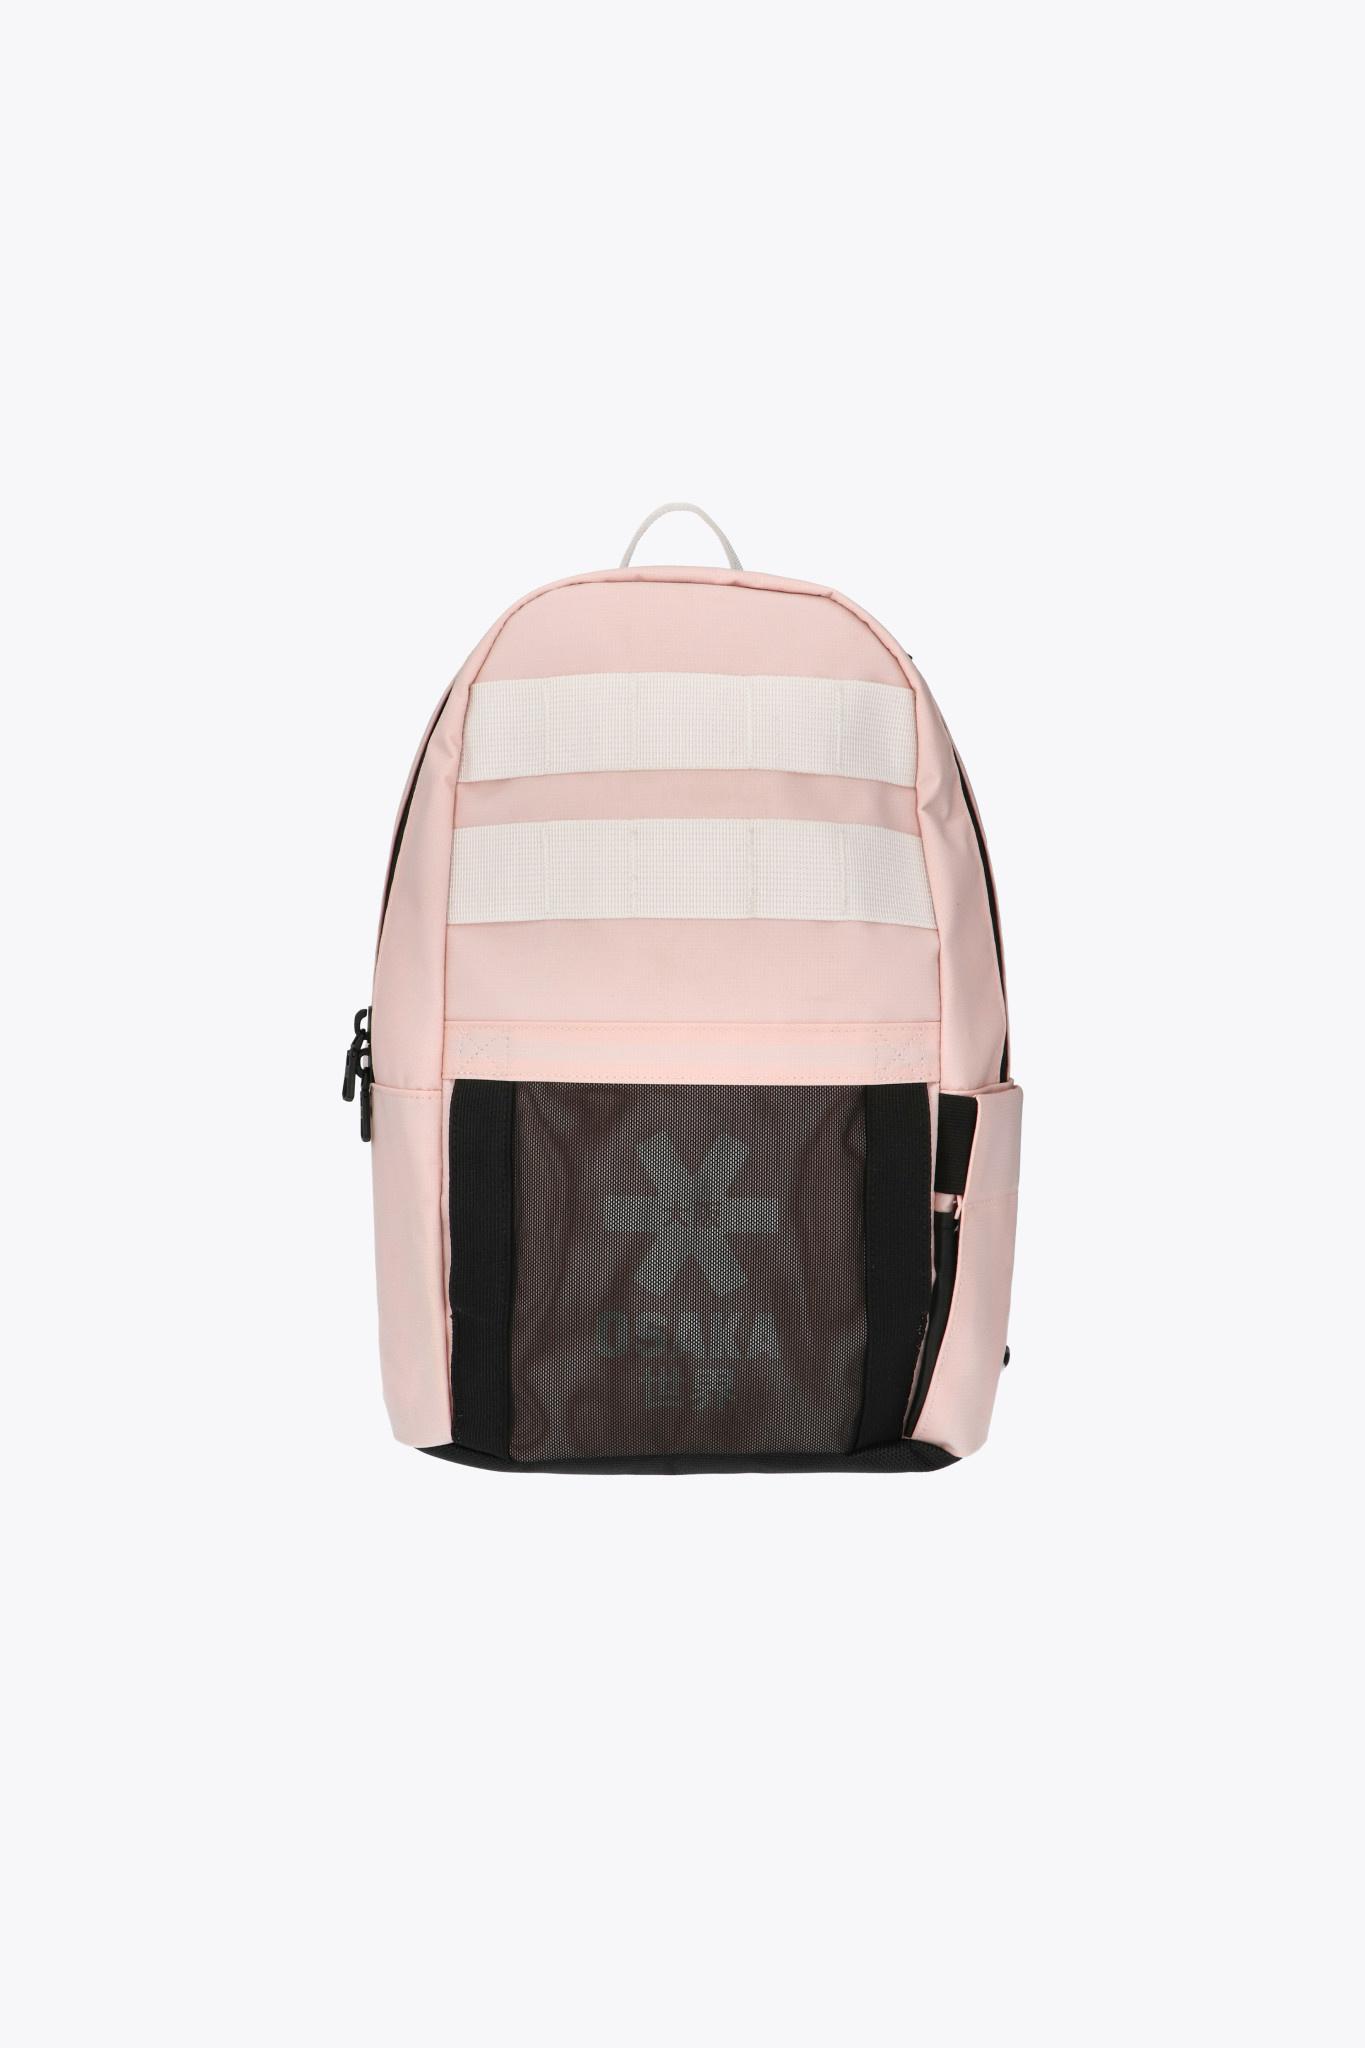 Osaka Osaka Pro Tour backpack compact powder pink